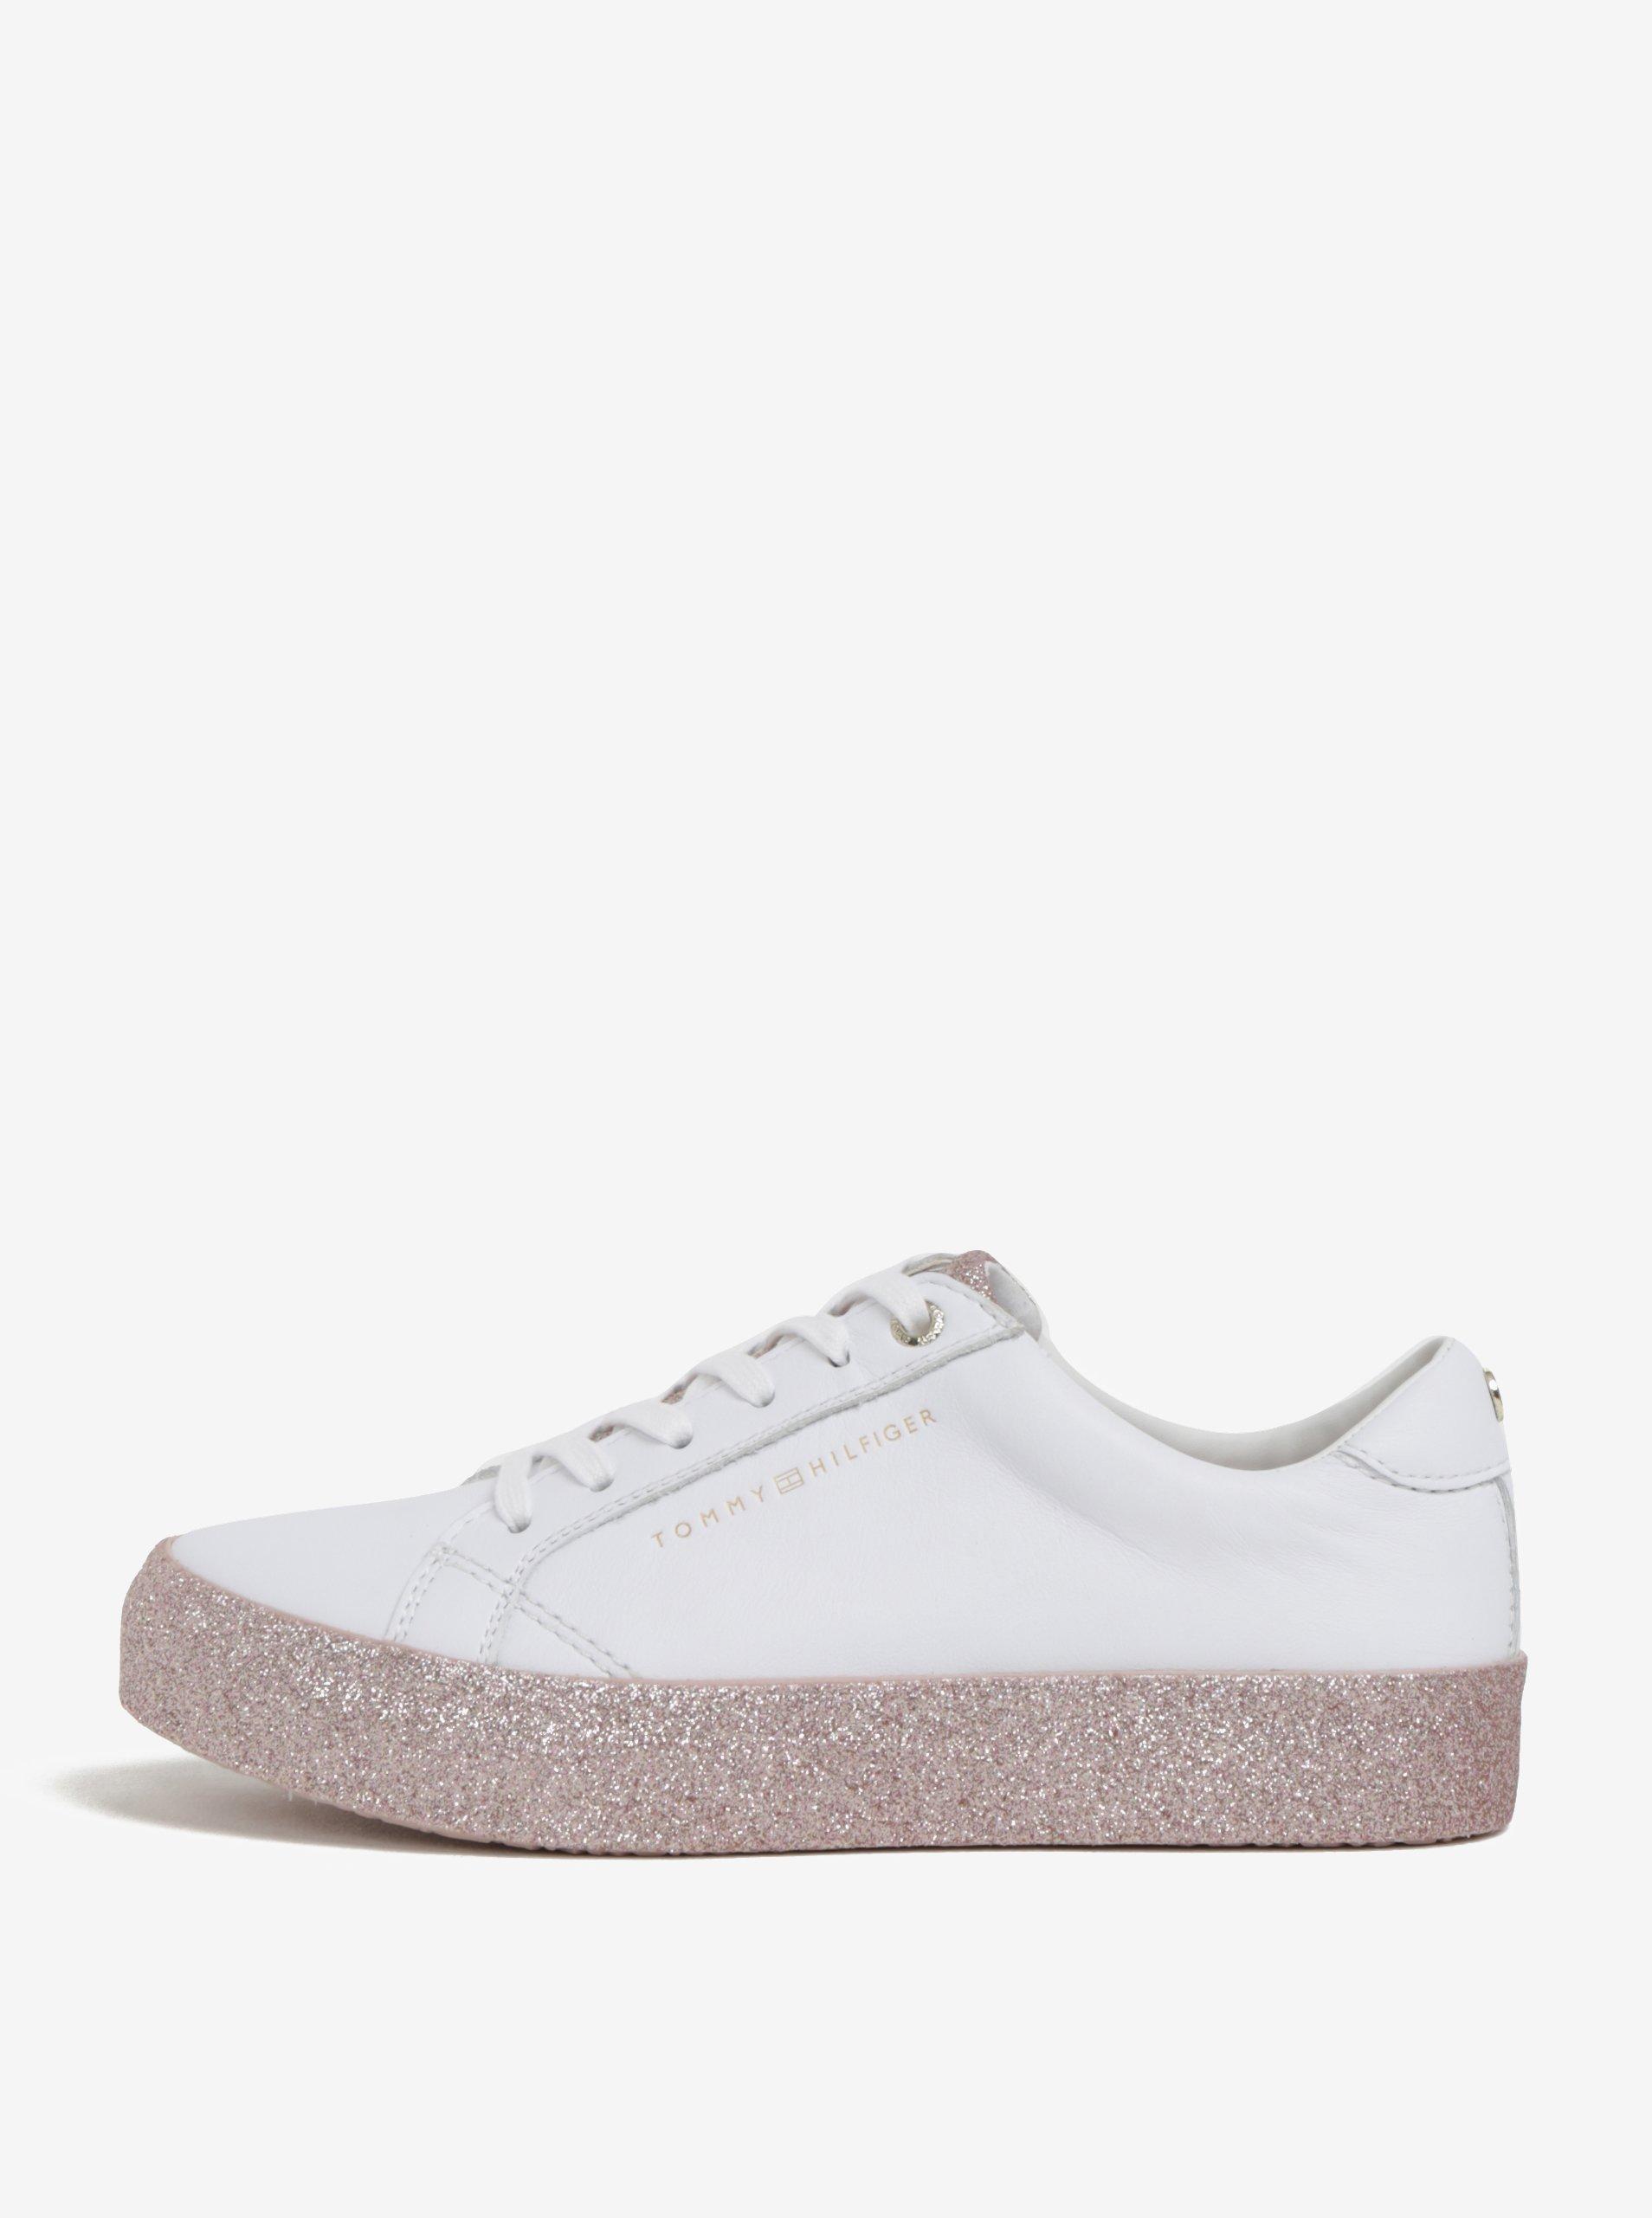 47489eb40d51 Bílé dámské kožené tenisky na třpytivé platformě Tommy Hilfiger